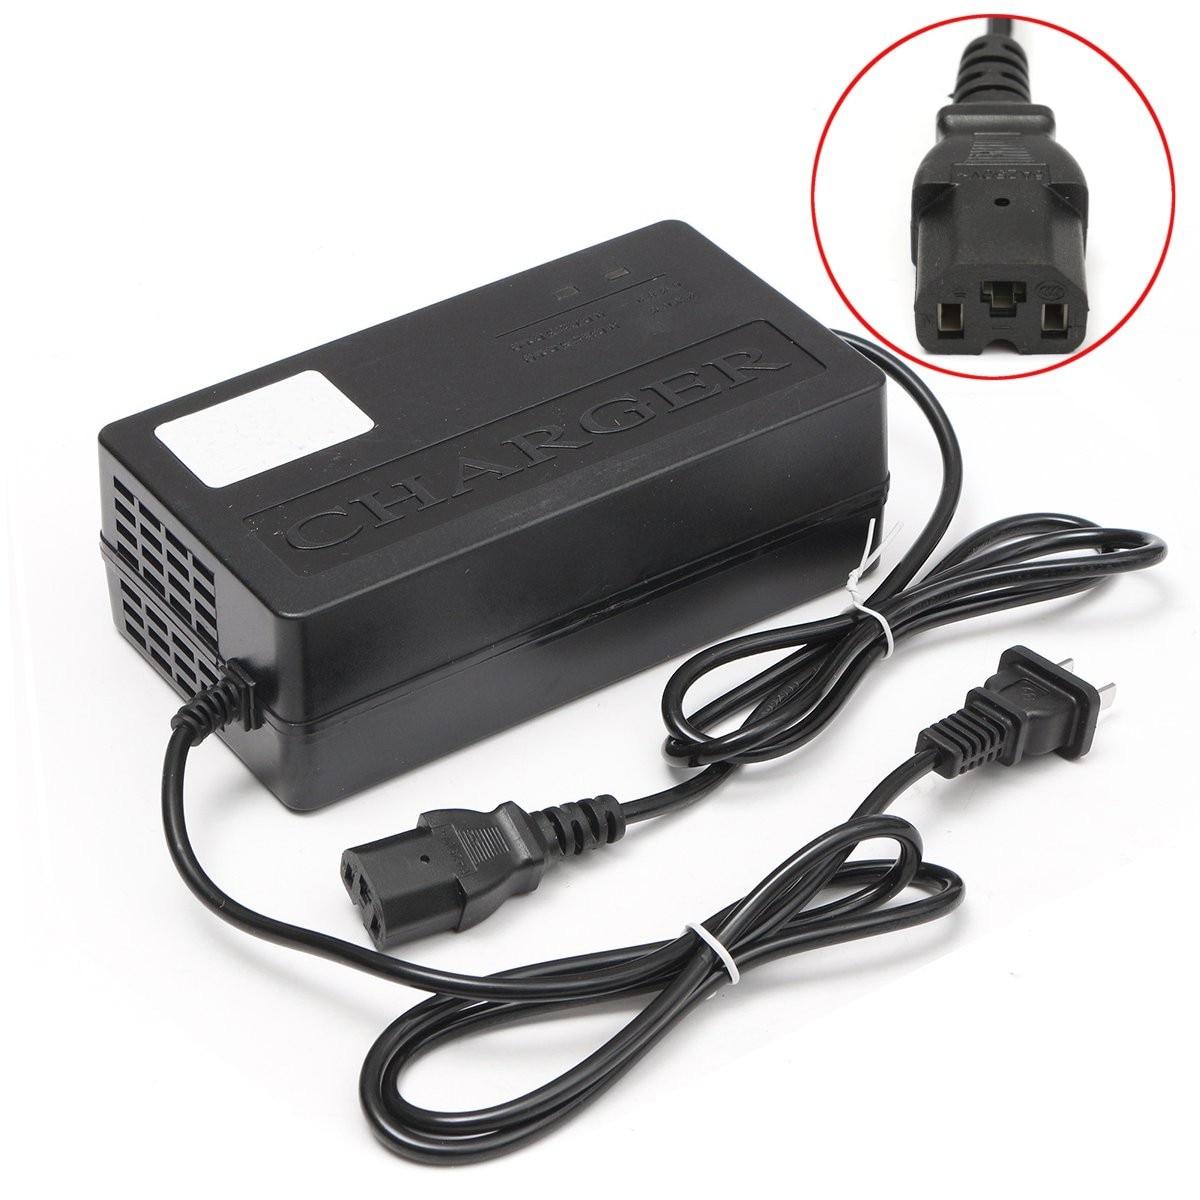 Adaptador de Batería de 60V y 2,5a de salida para patinete eléctrico, E-BIKE y cargador de batería, enchufe para PC